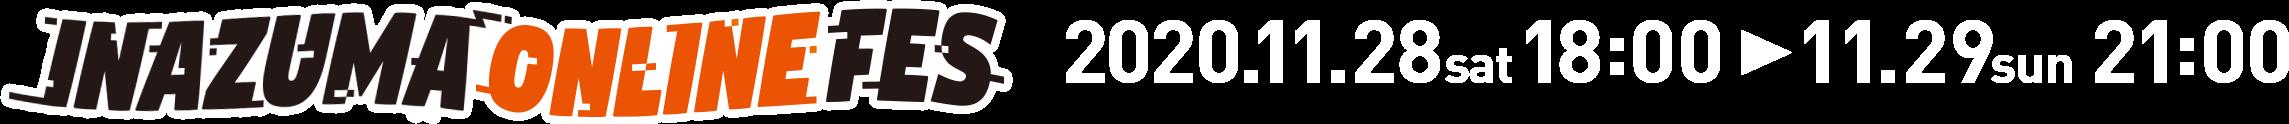 稲妻オンラインフェス 2020.11.28(土)18:00~11.29(日)21:00